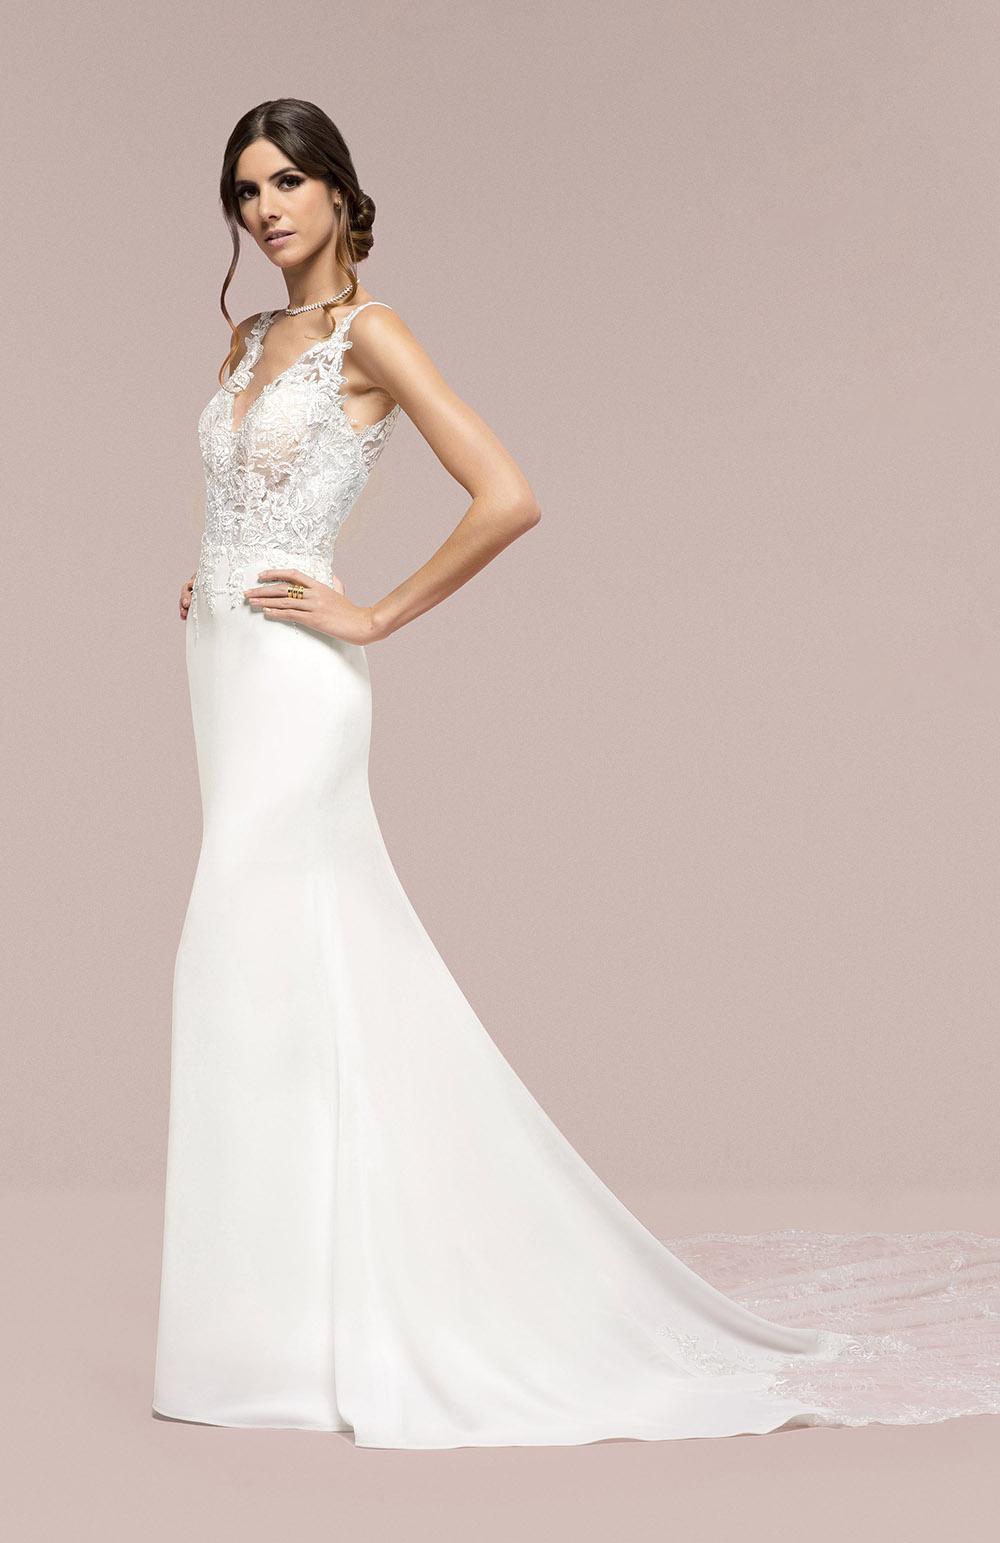 Robe de mariée Modèle Vienne